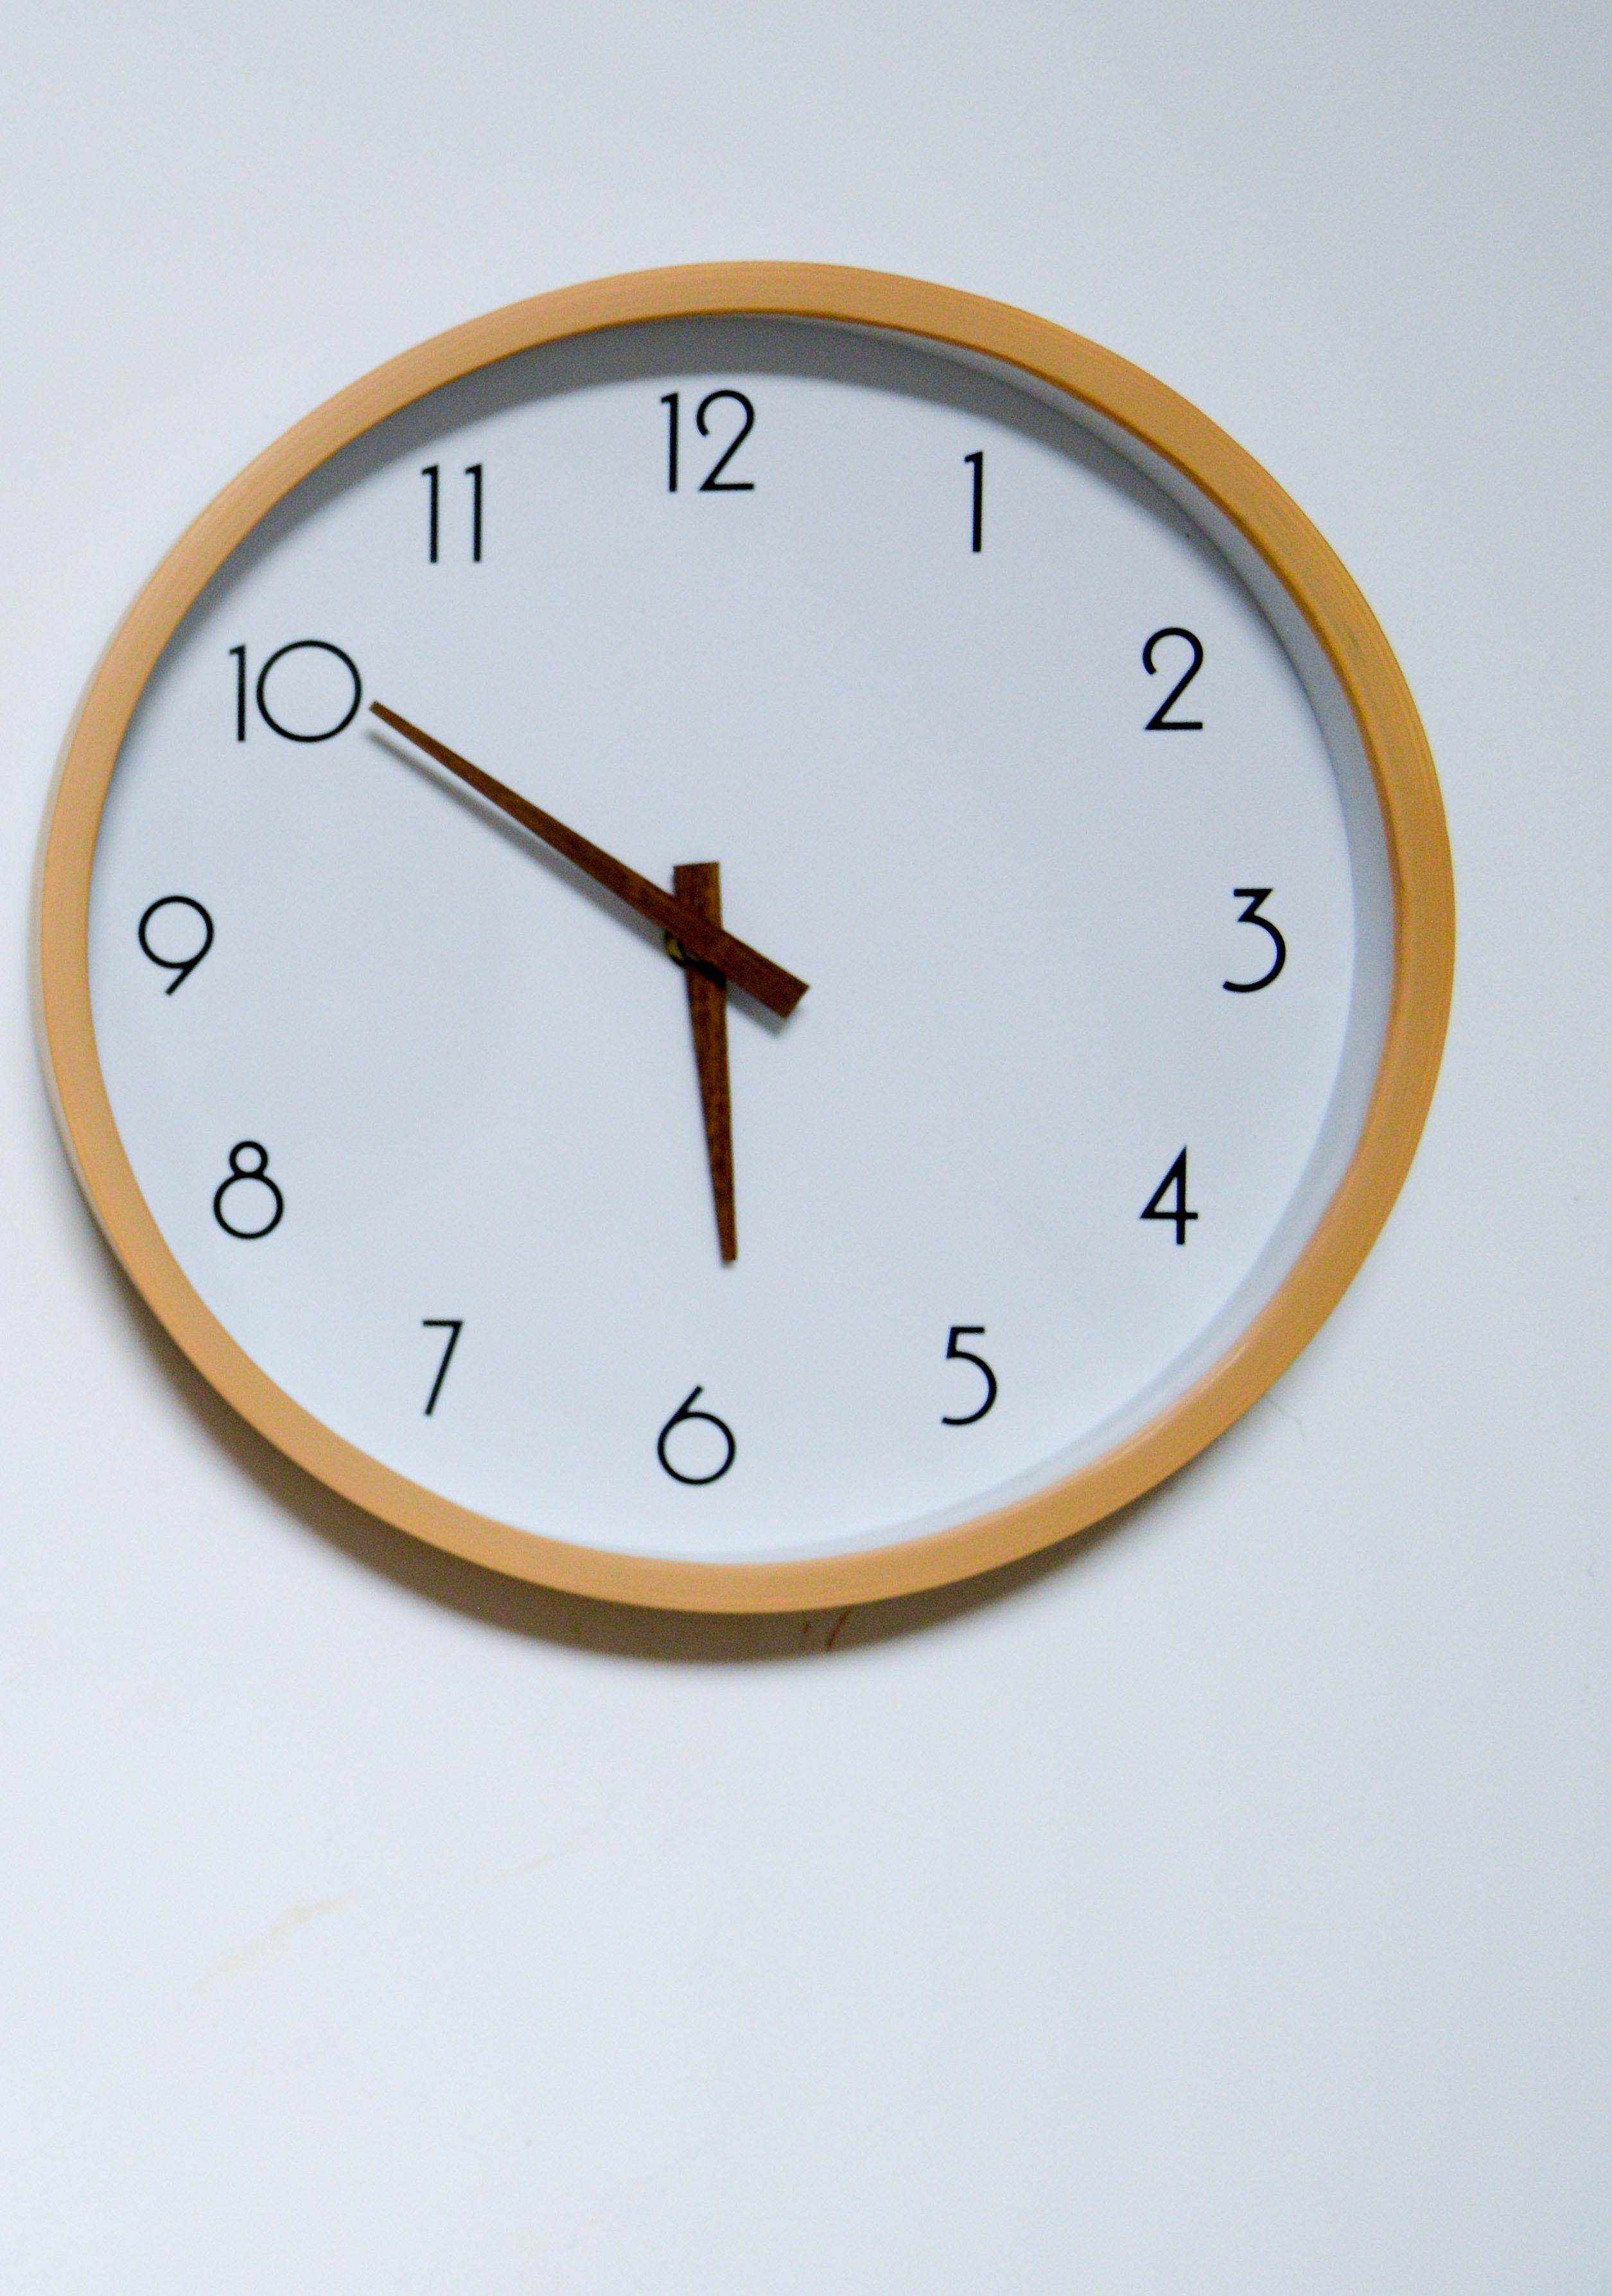 Horarios flexibles en el trabajo